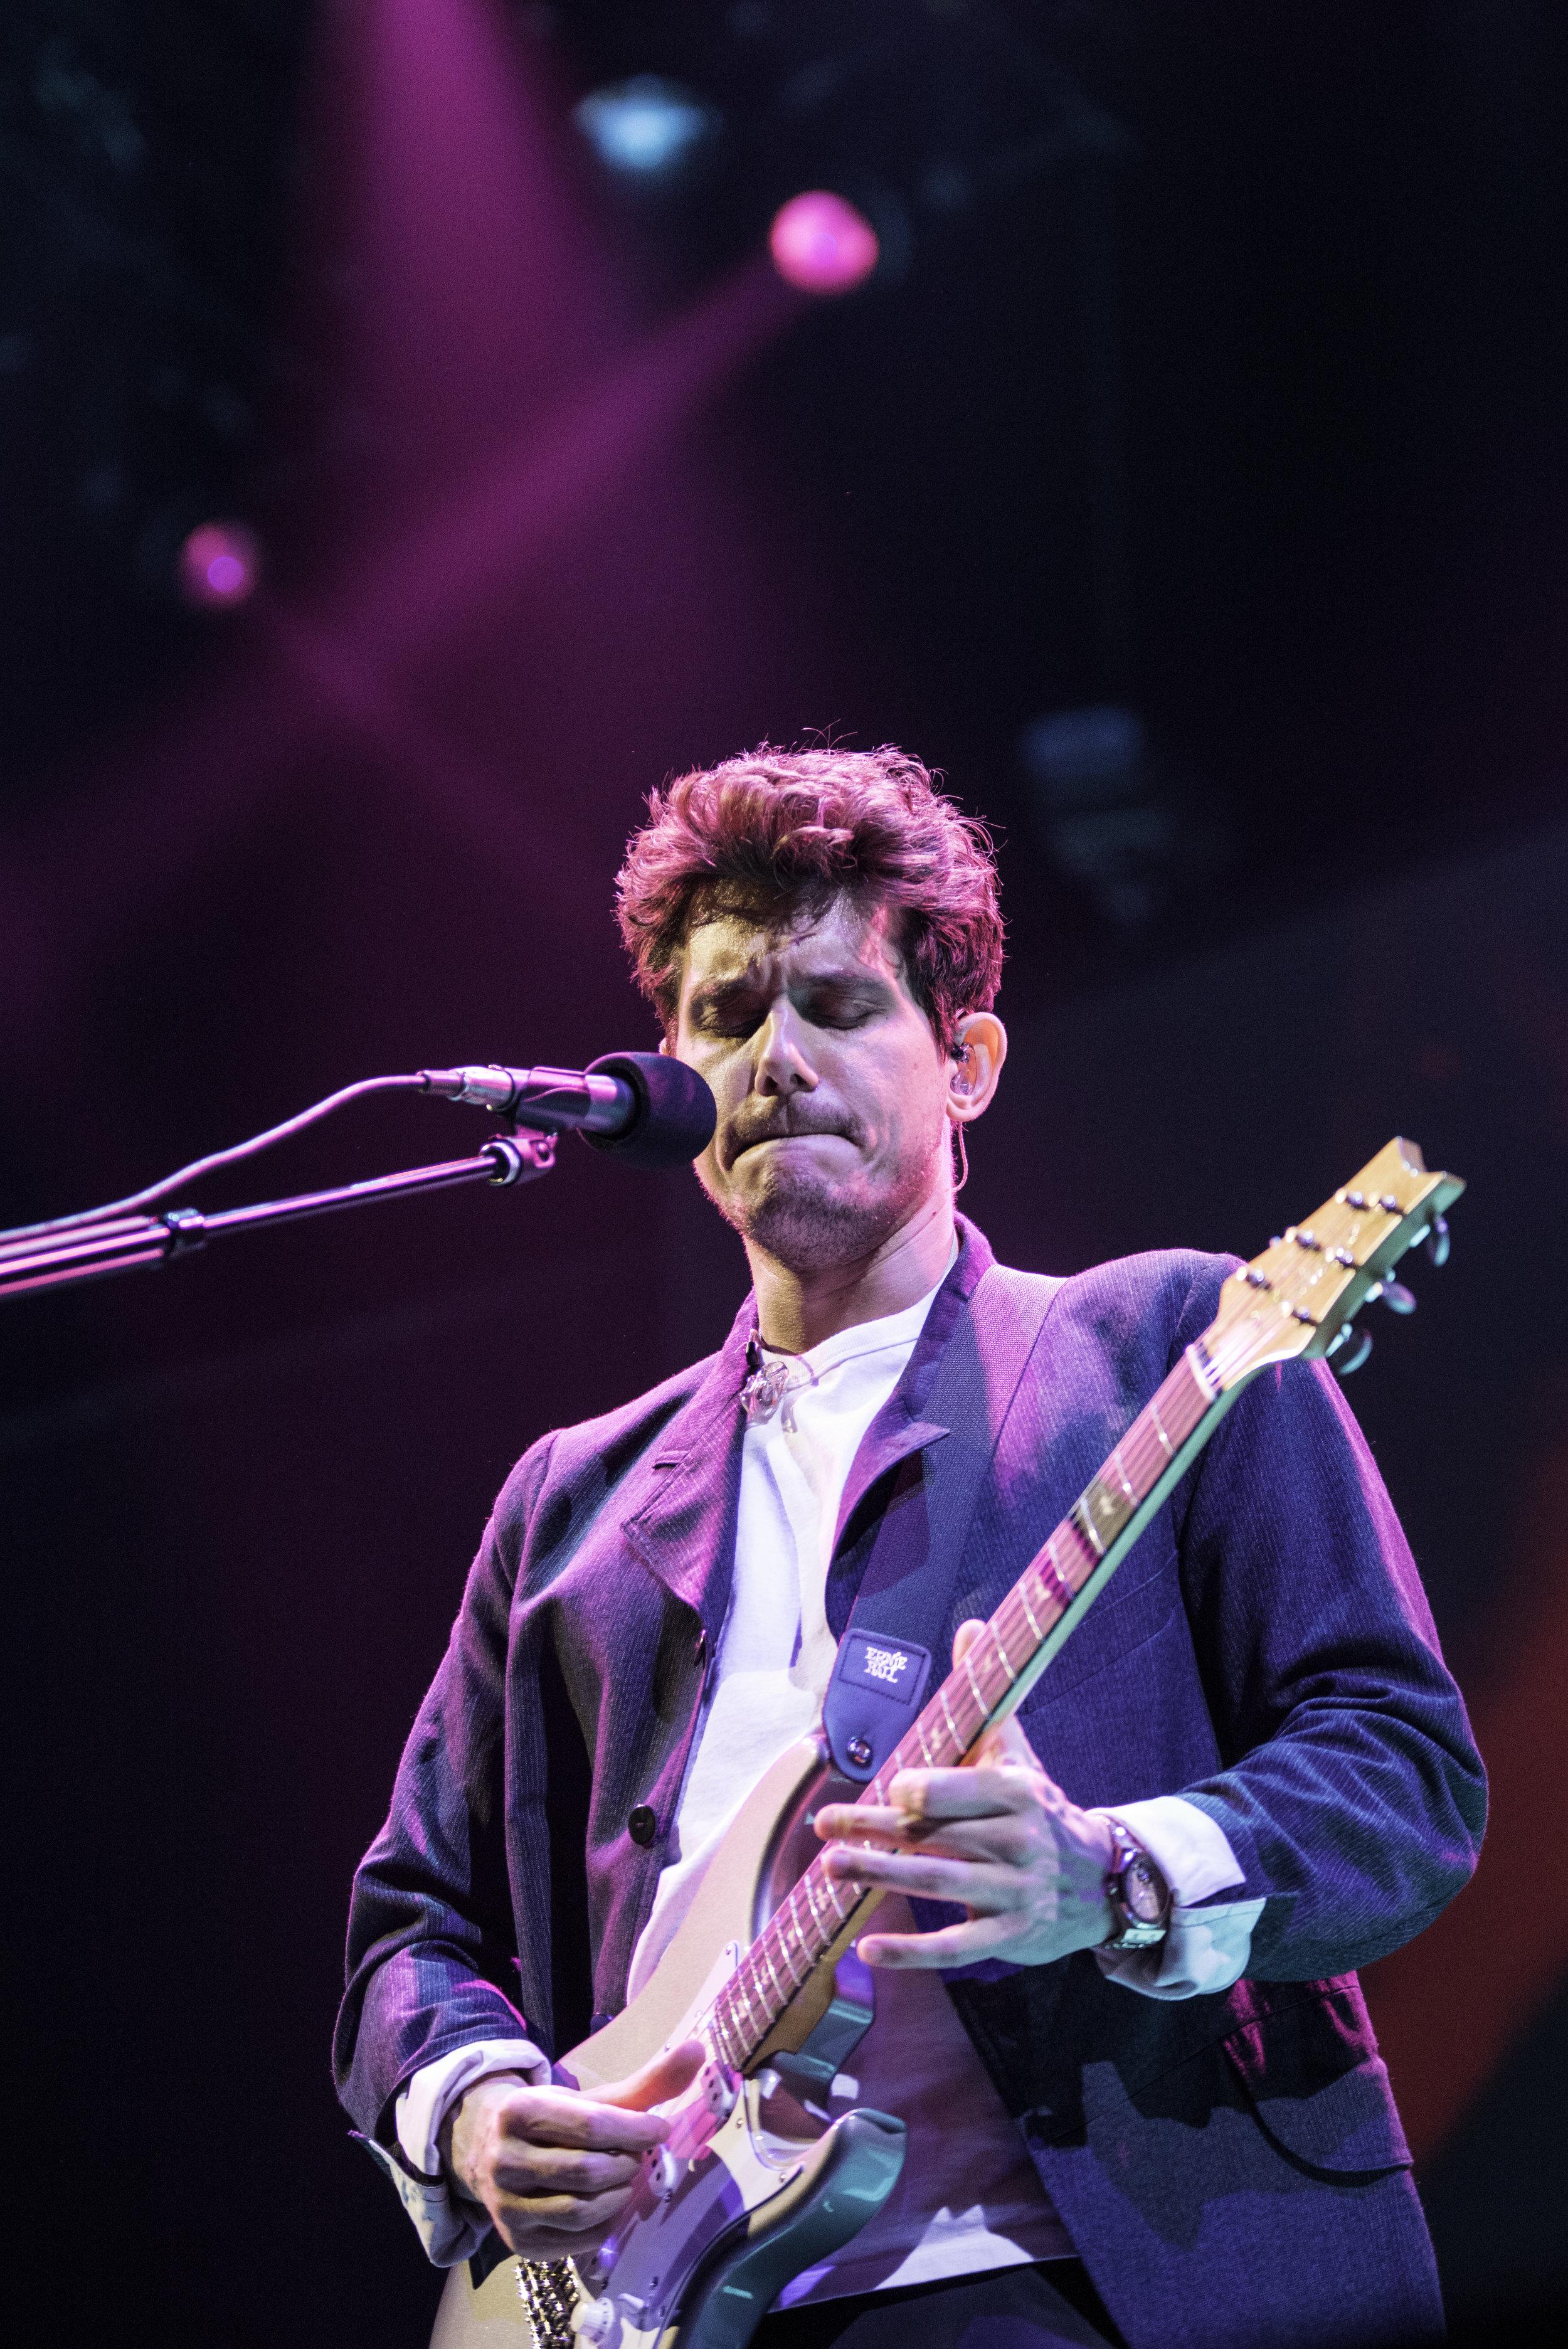 KT_John Mayer_Chronicle_004-2.jpg